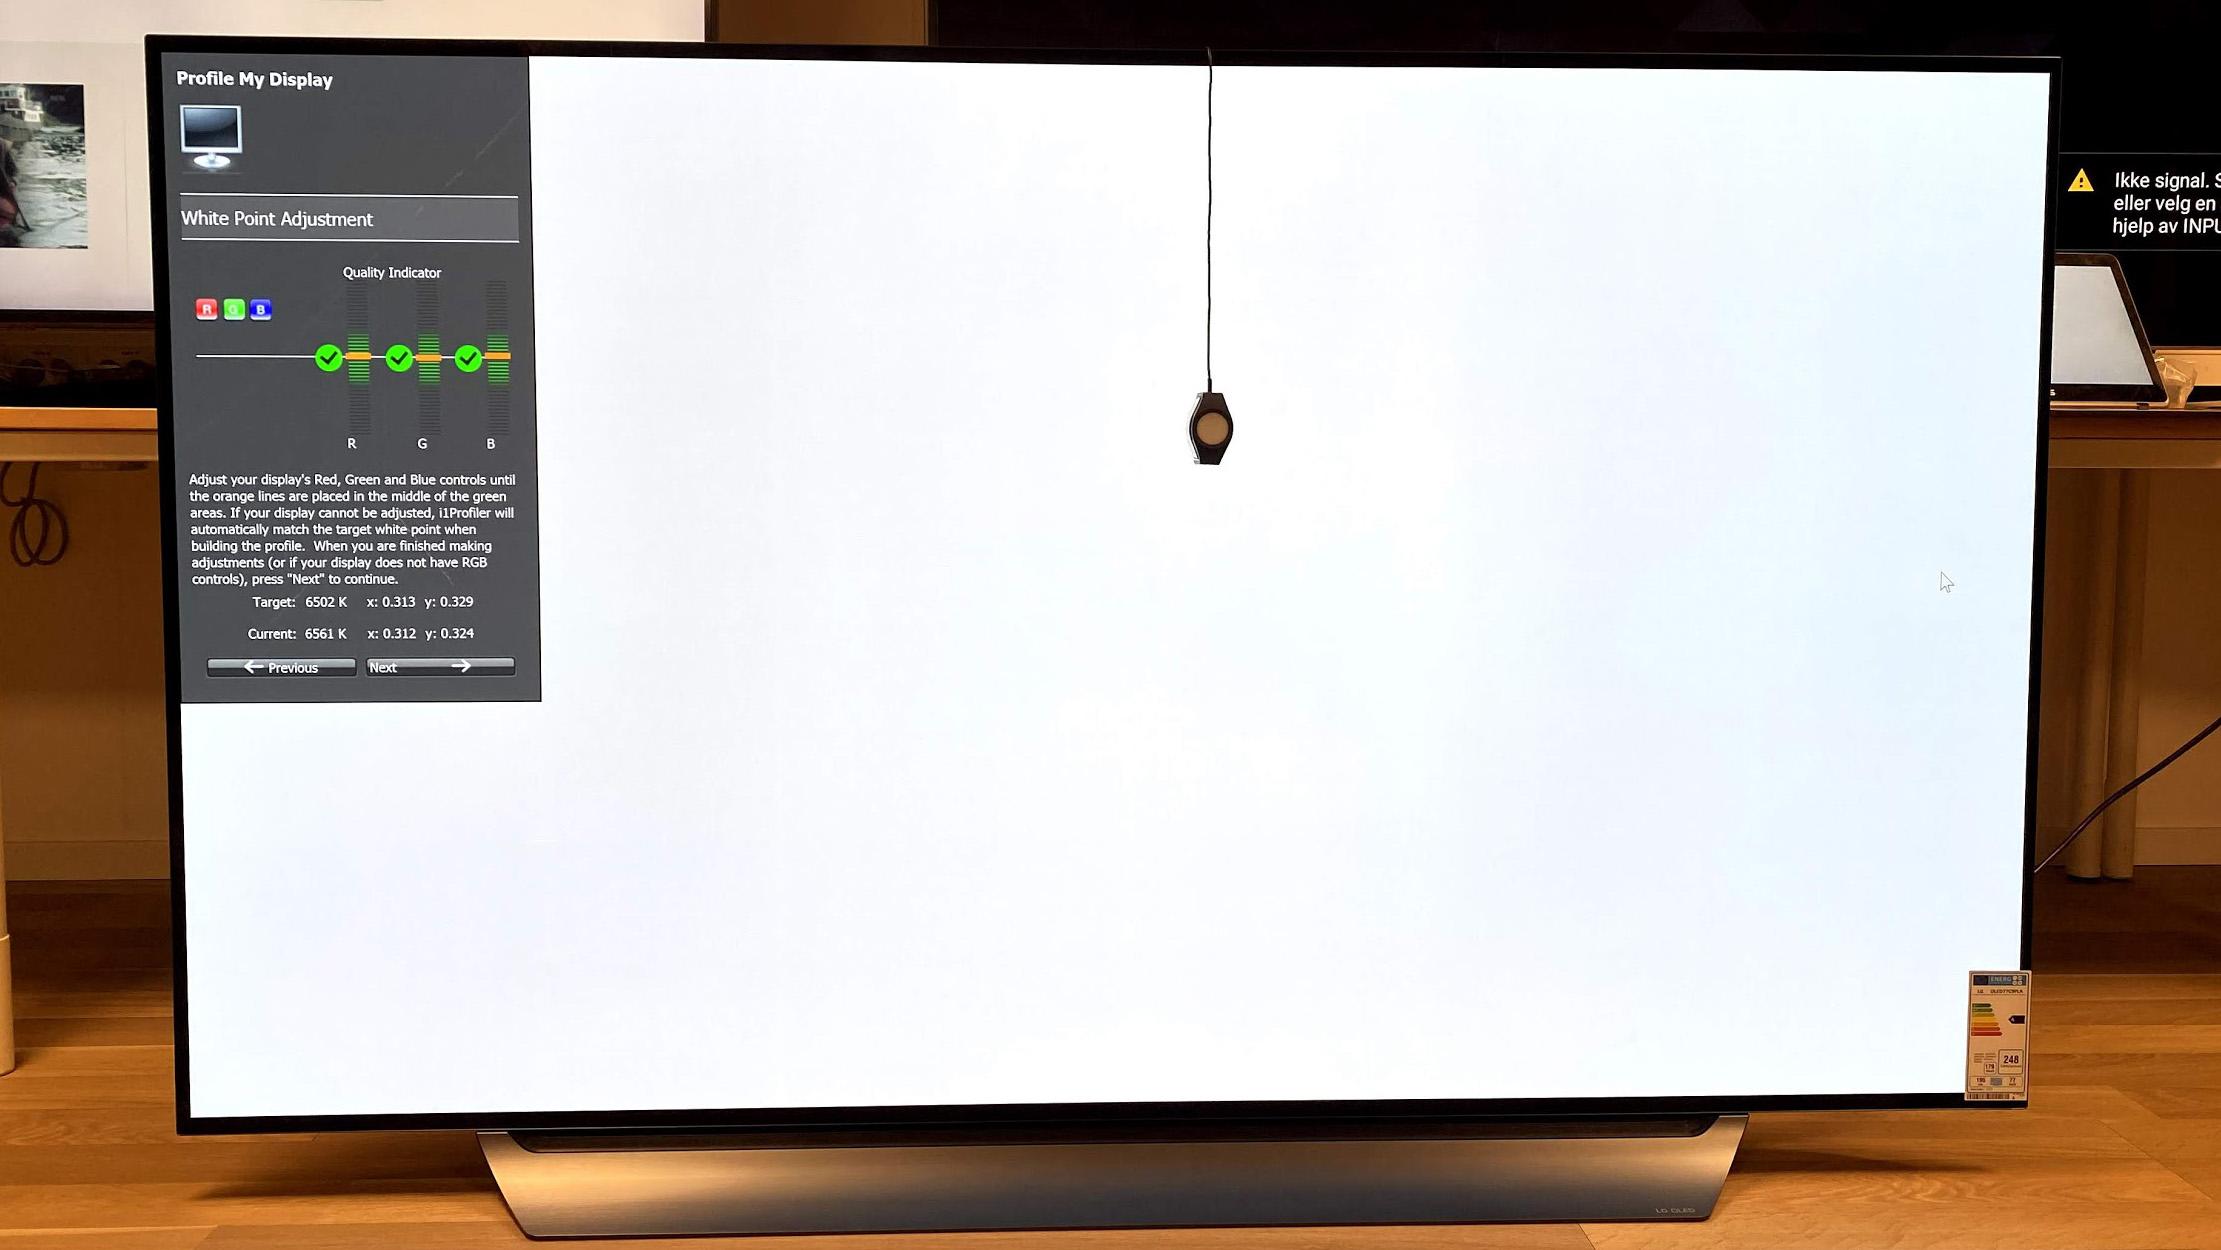 LG OLED77C9 whitepoint